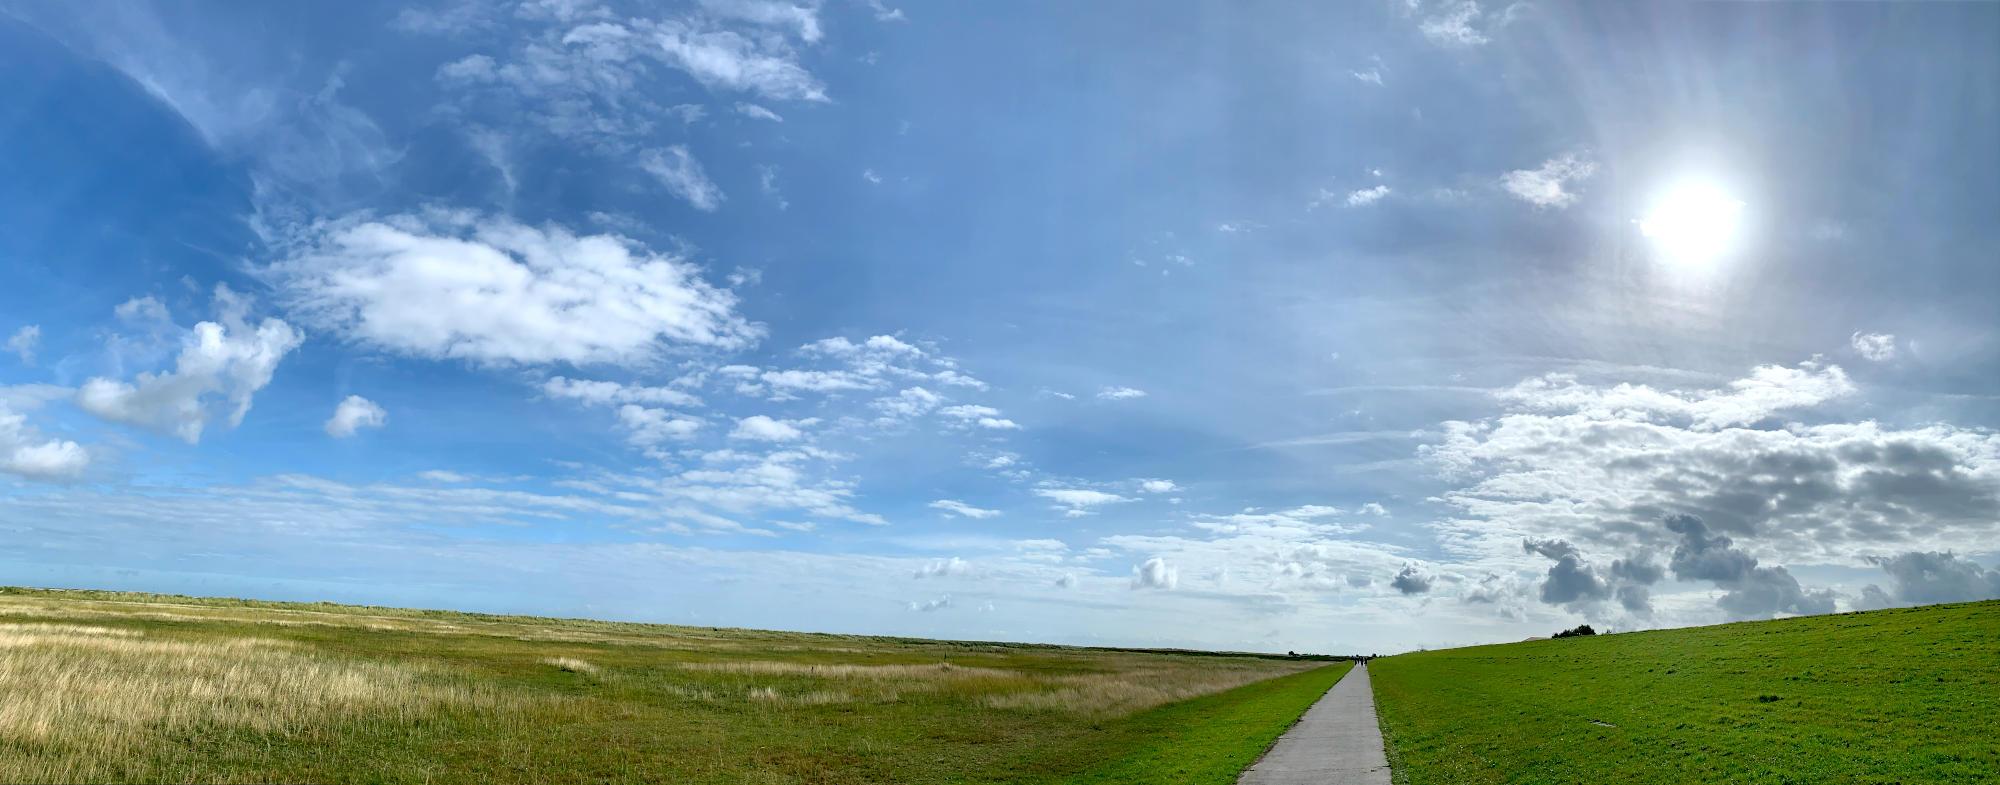 Weg am Deich, rechts der Deich, links Gras.